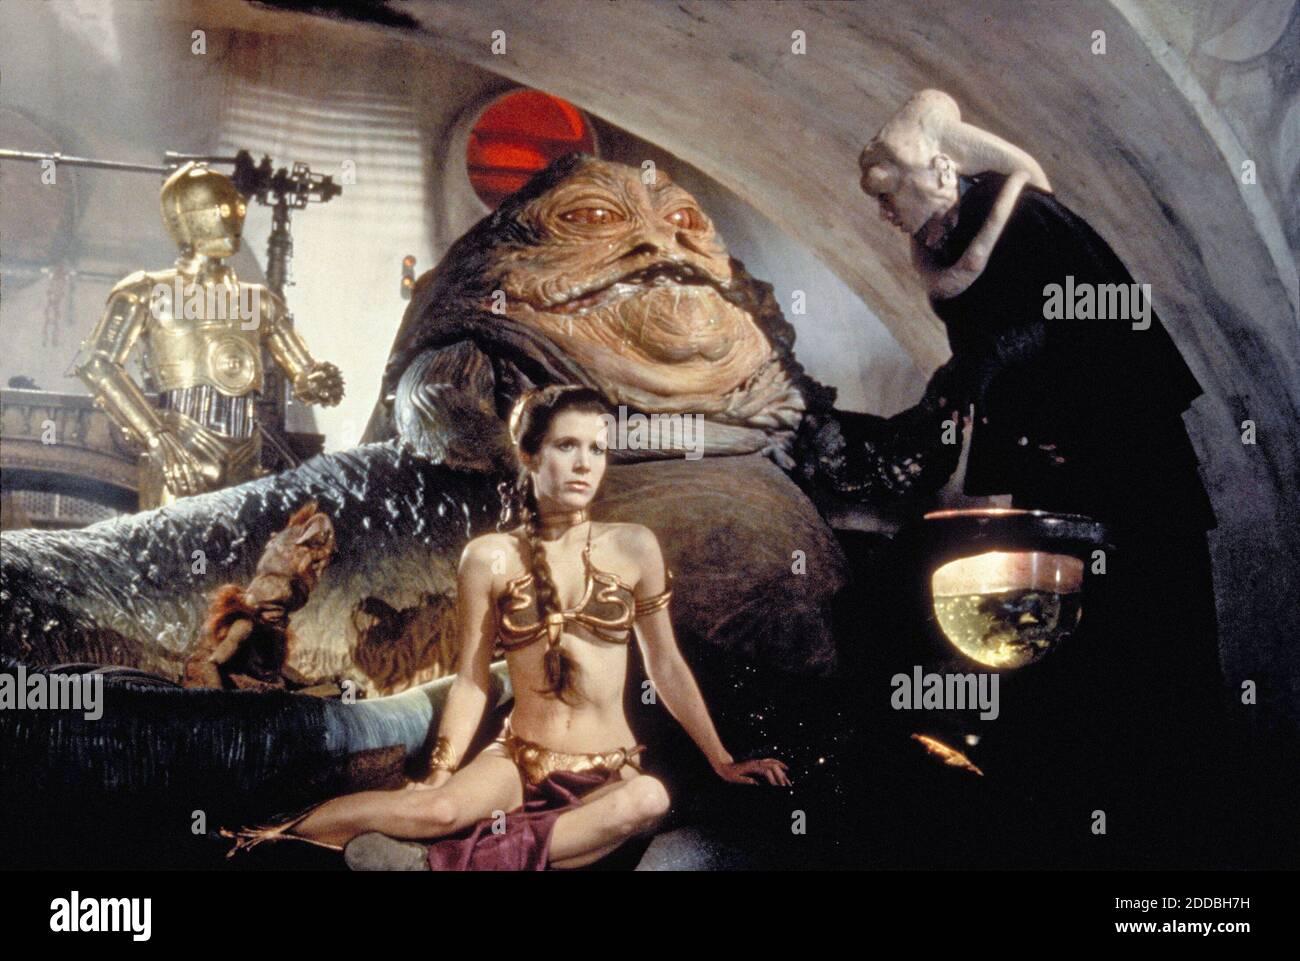 NO HAY PELÍCULA, NO HAY VÍDEO, NO hay televisión, NO HAY DOCUMENTAL - Princesa Leia Organa (Carrie Fisher) como una niña esclava en 'Return of the Jedi' en la película Star Wars. Foto por KRT/ABACAPRESS.COM Foto de stock